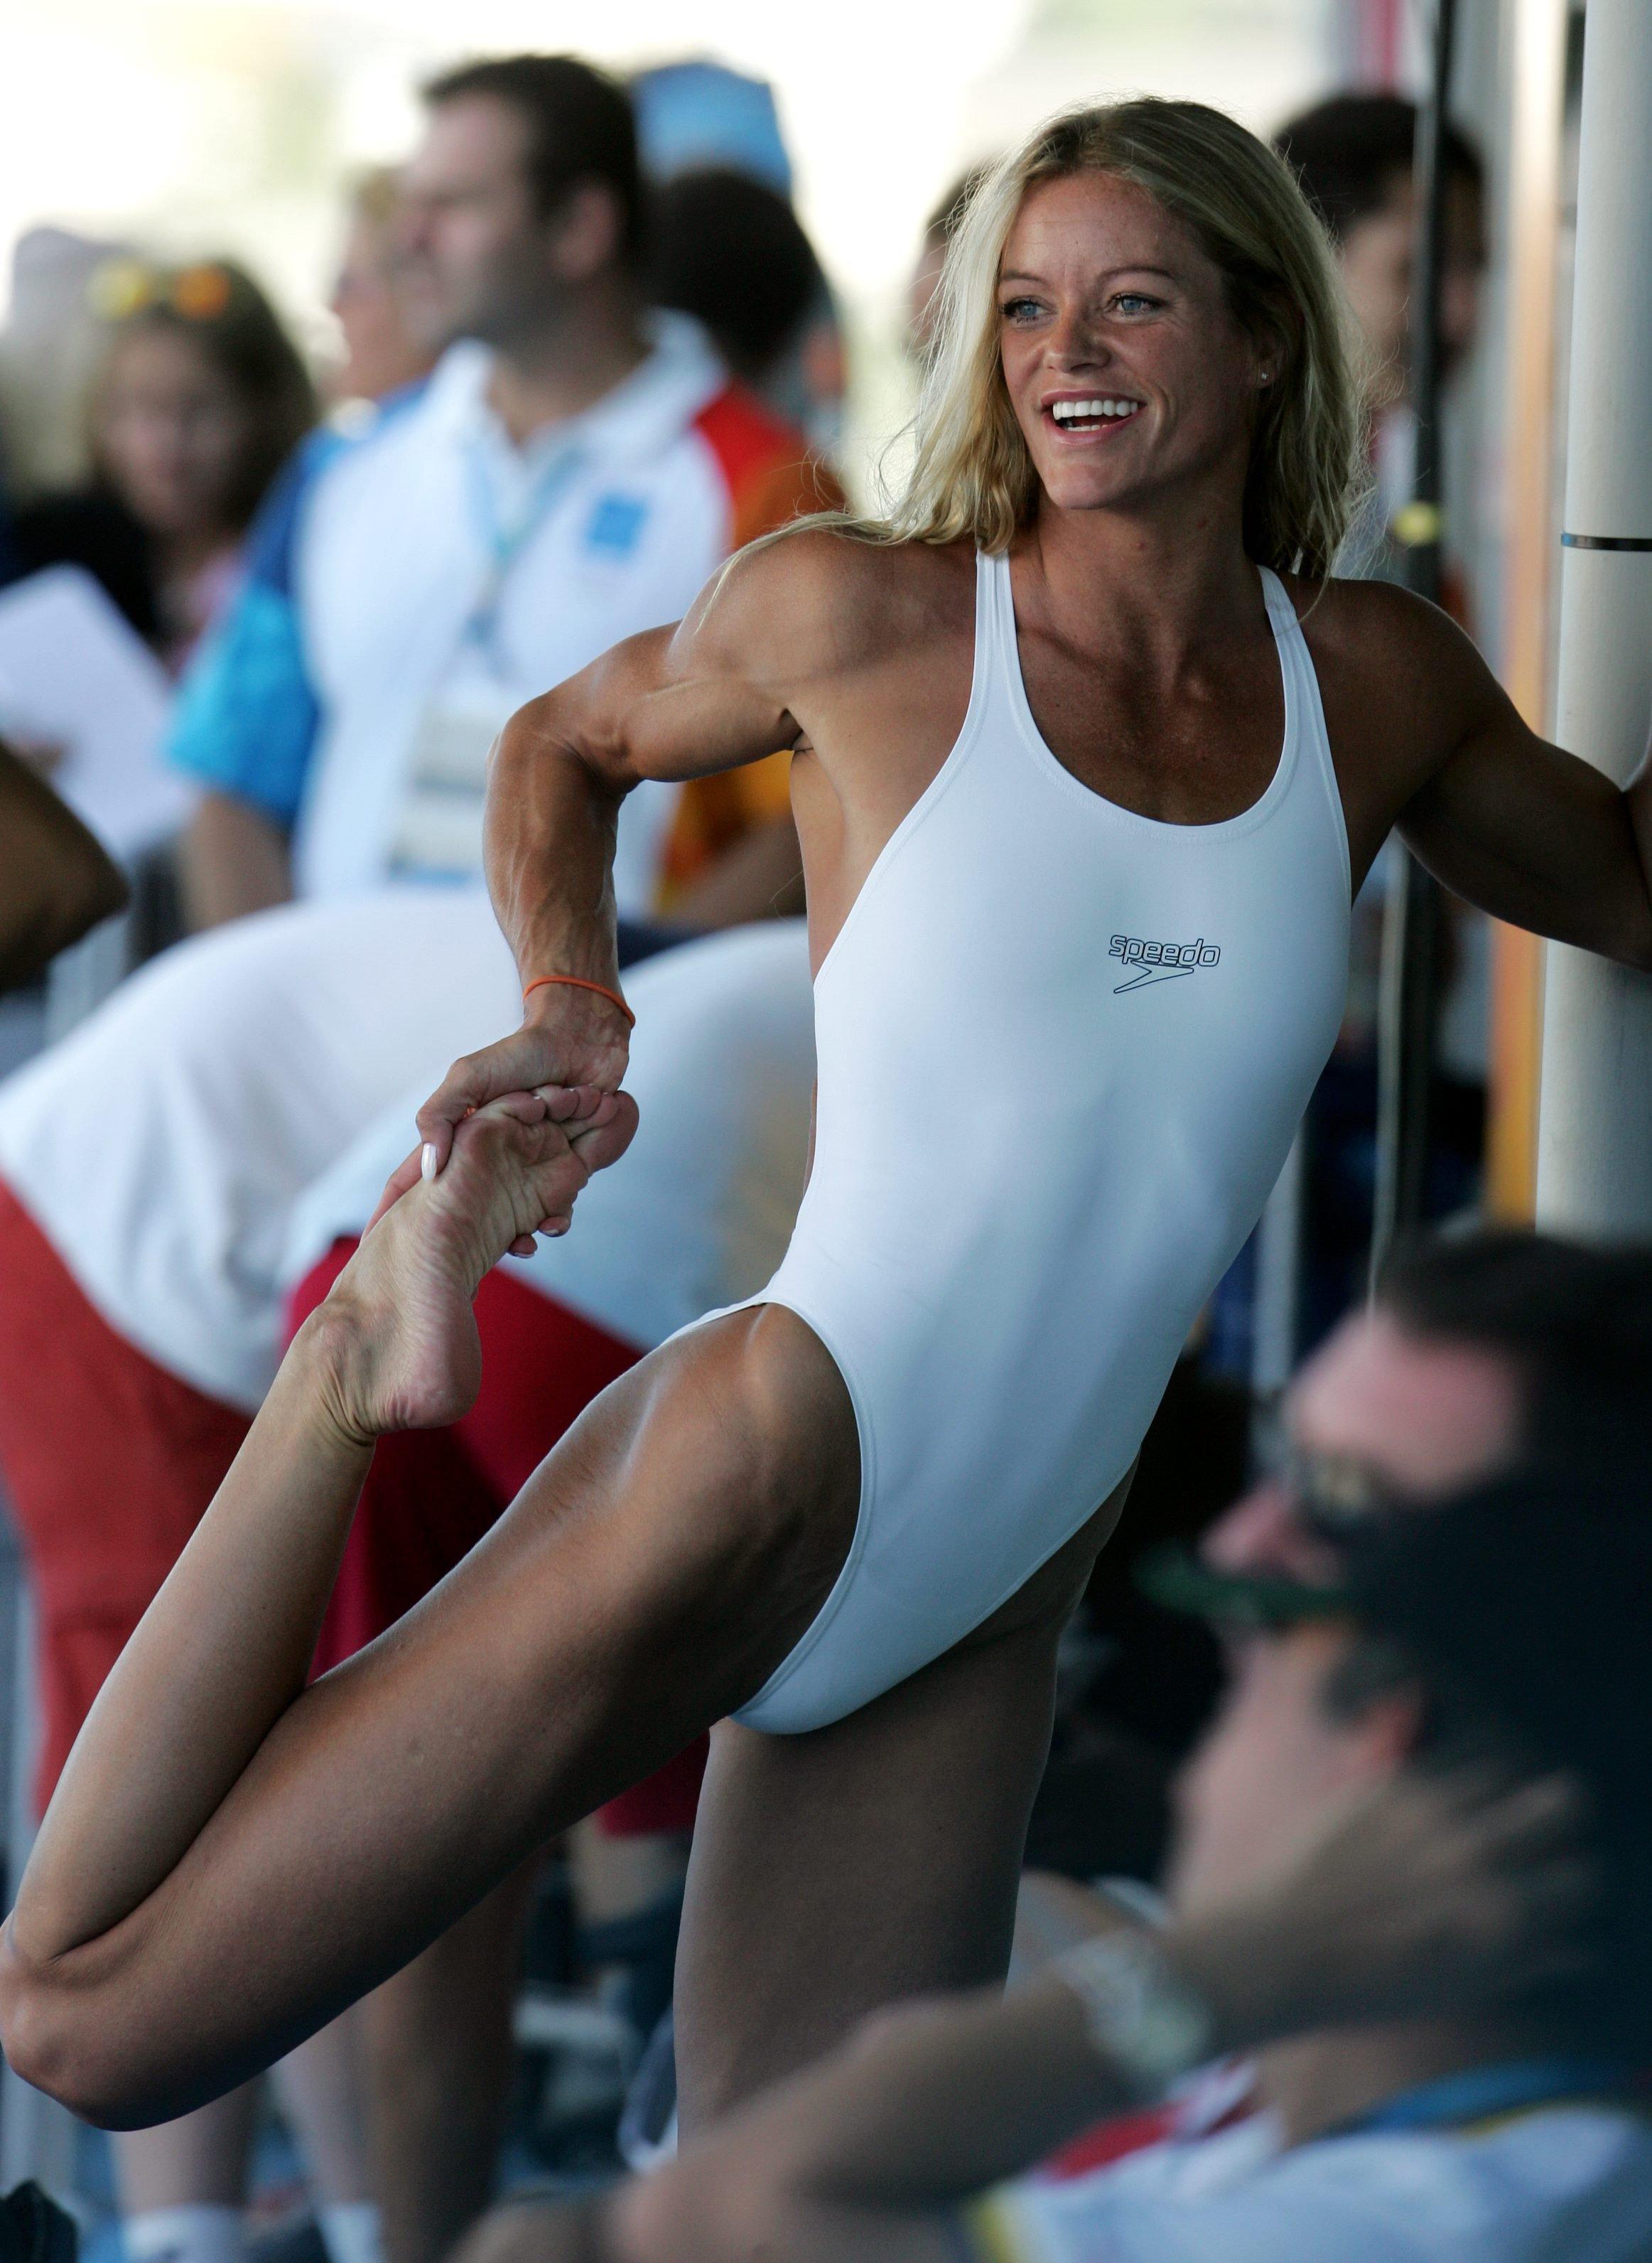 Photos Inge de Bruijn nudes (18 foto and video), Topless, Sideboobs, Selfie, butt 2006